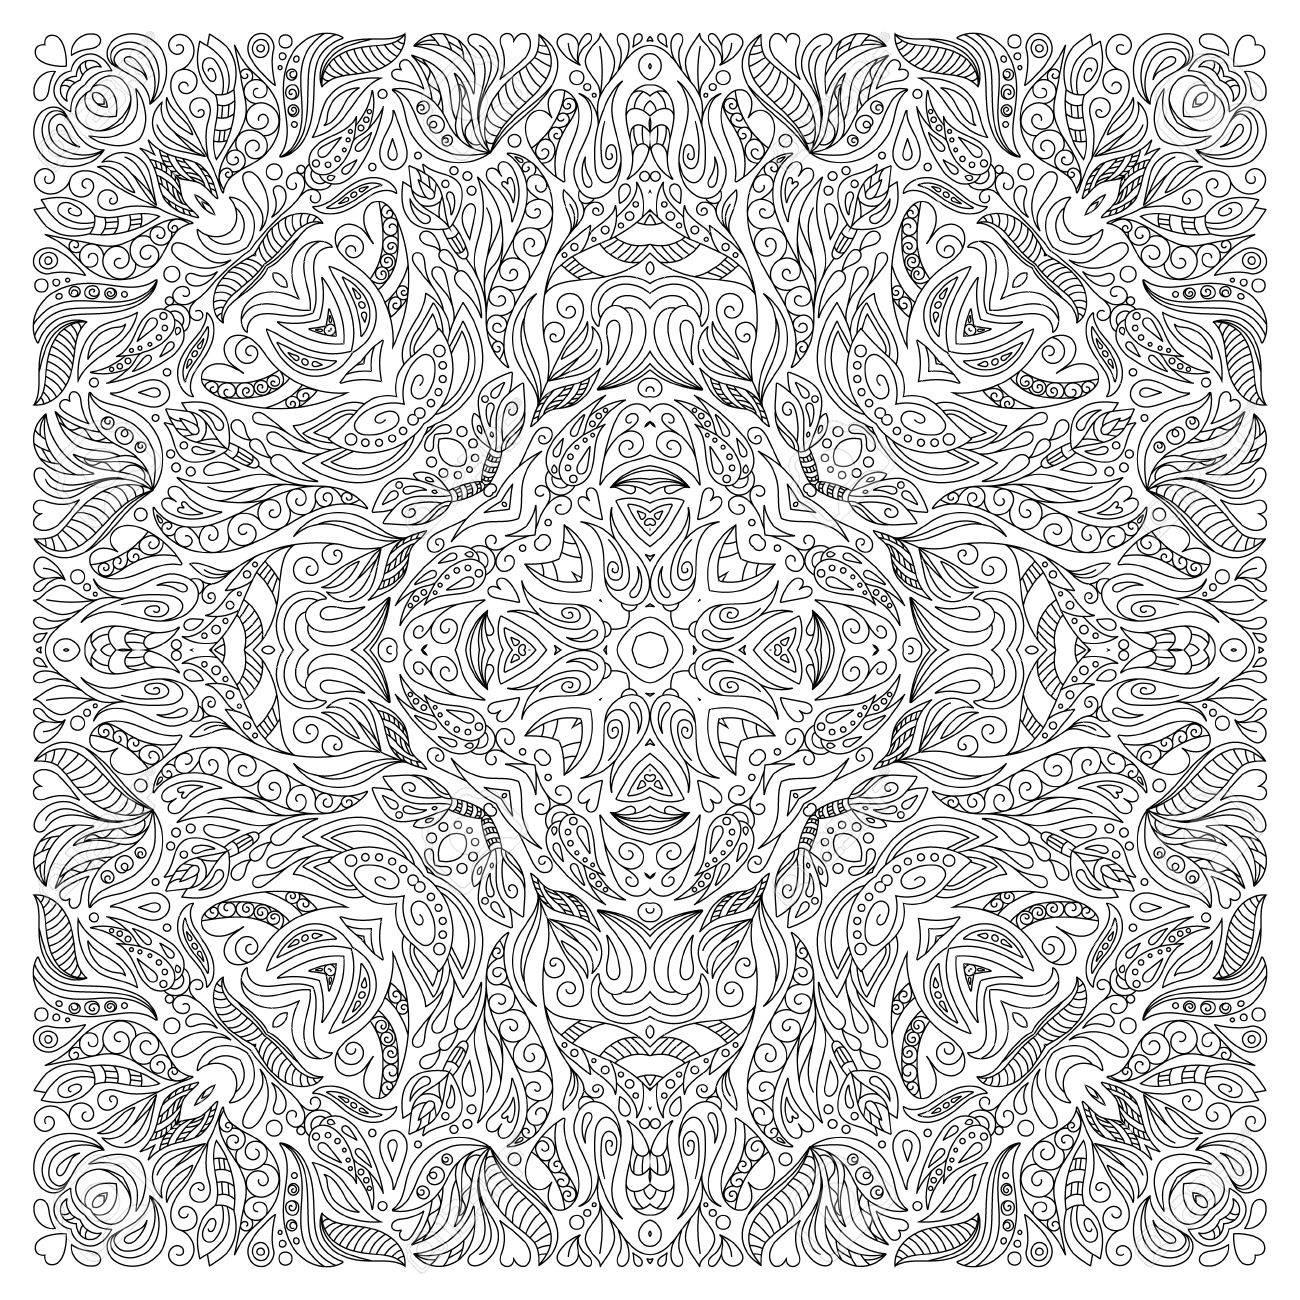 Lujoso Páginas Para Colorear Abstractas Duras Imprimibles Patrón ...